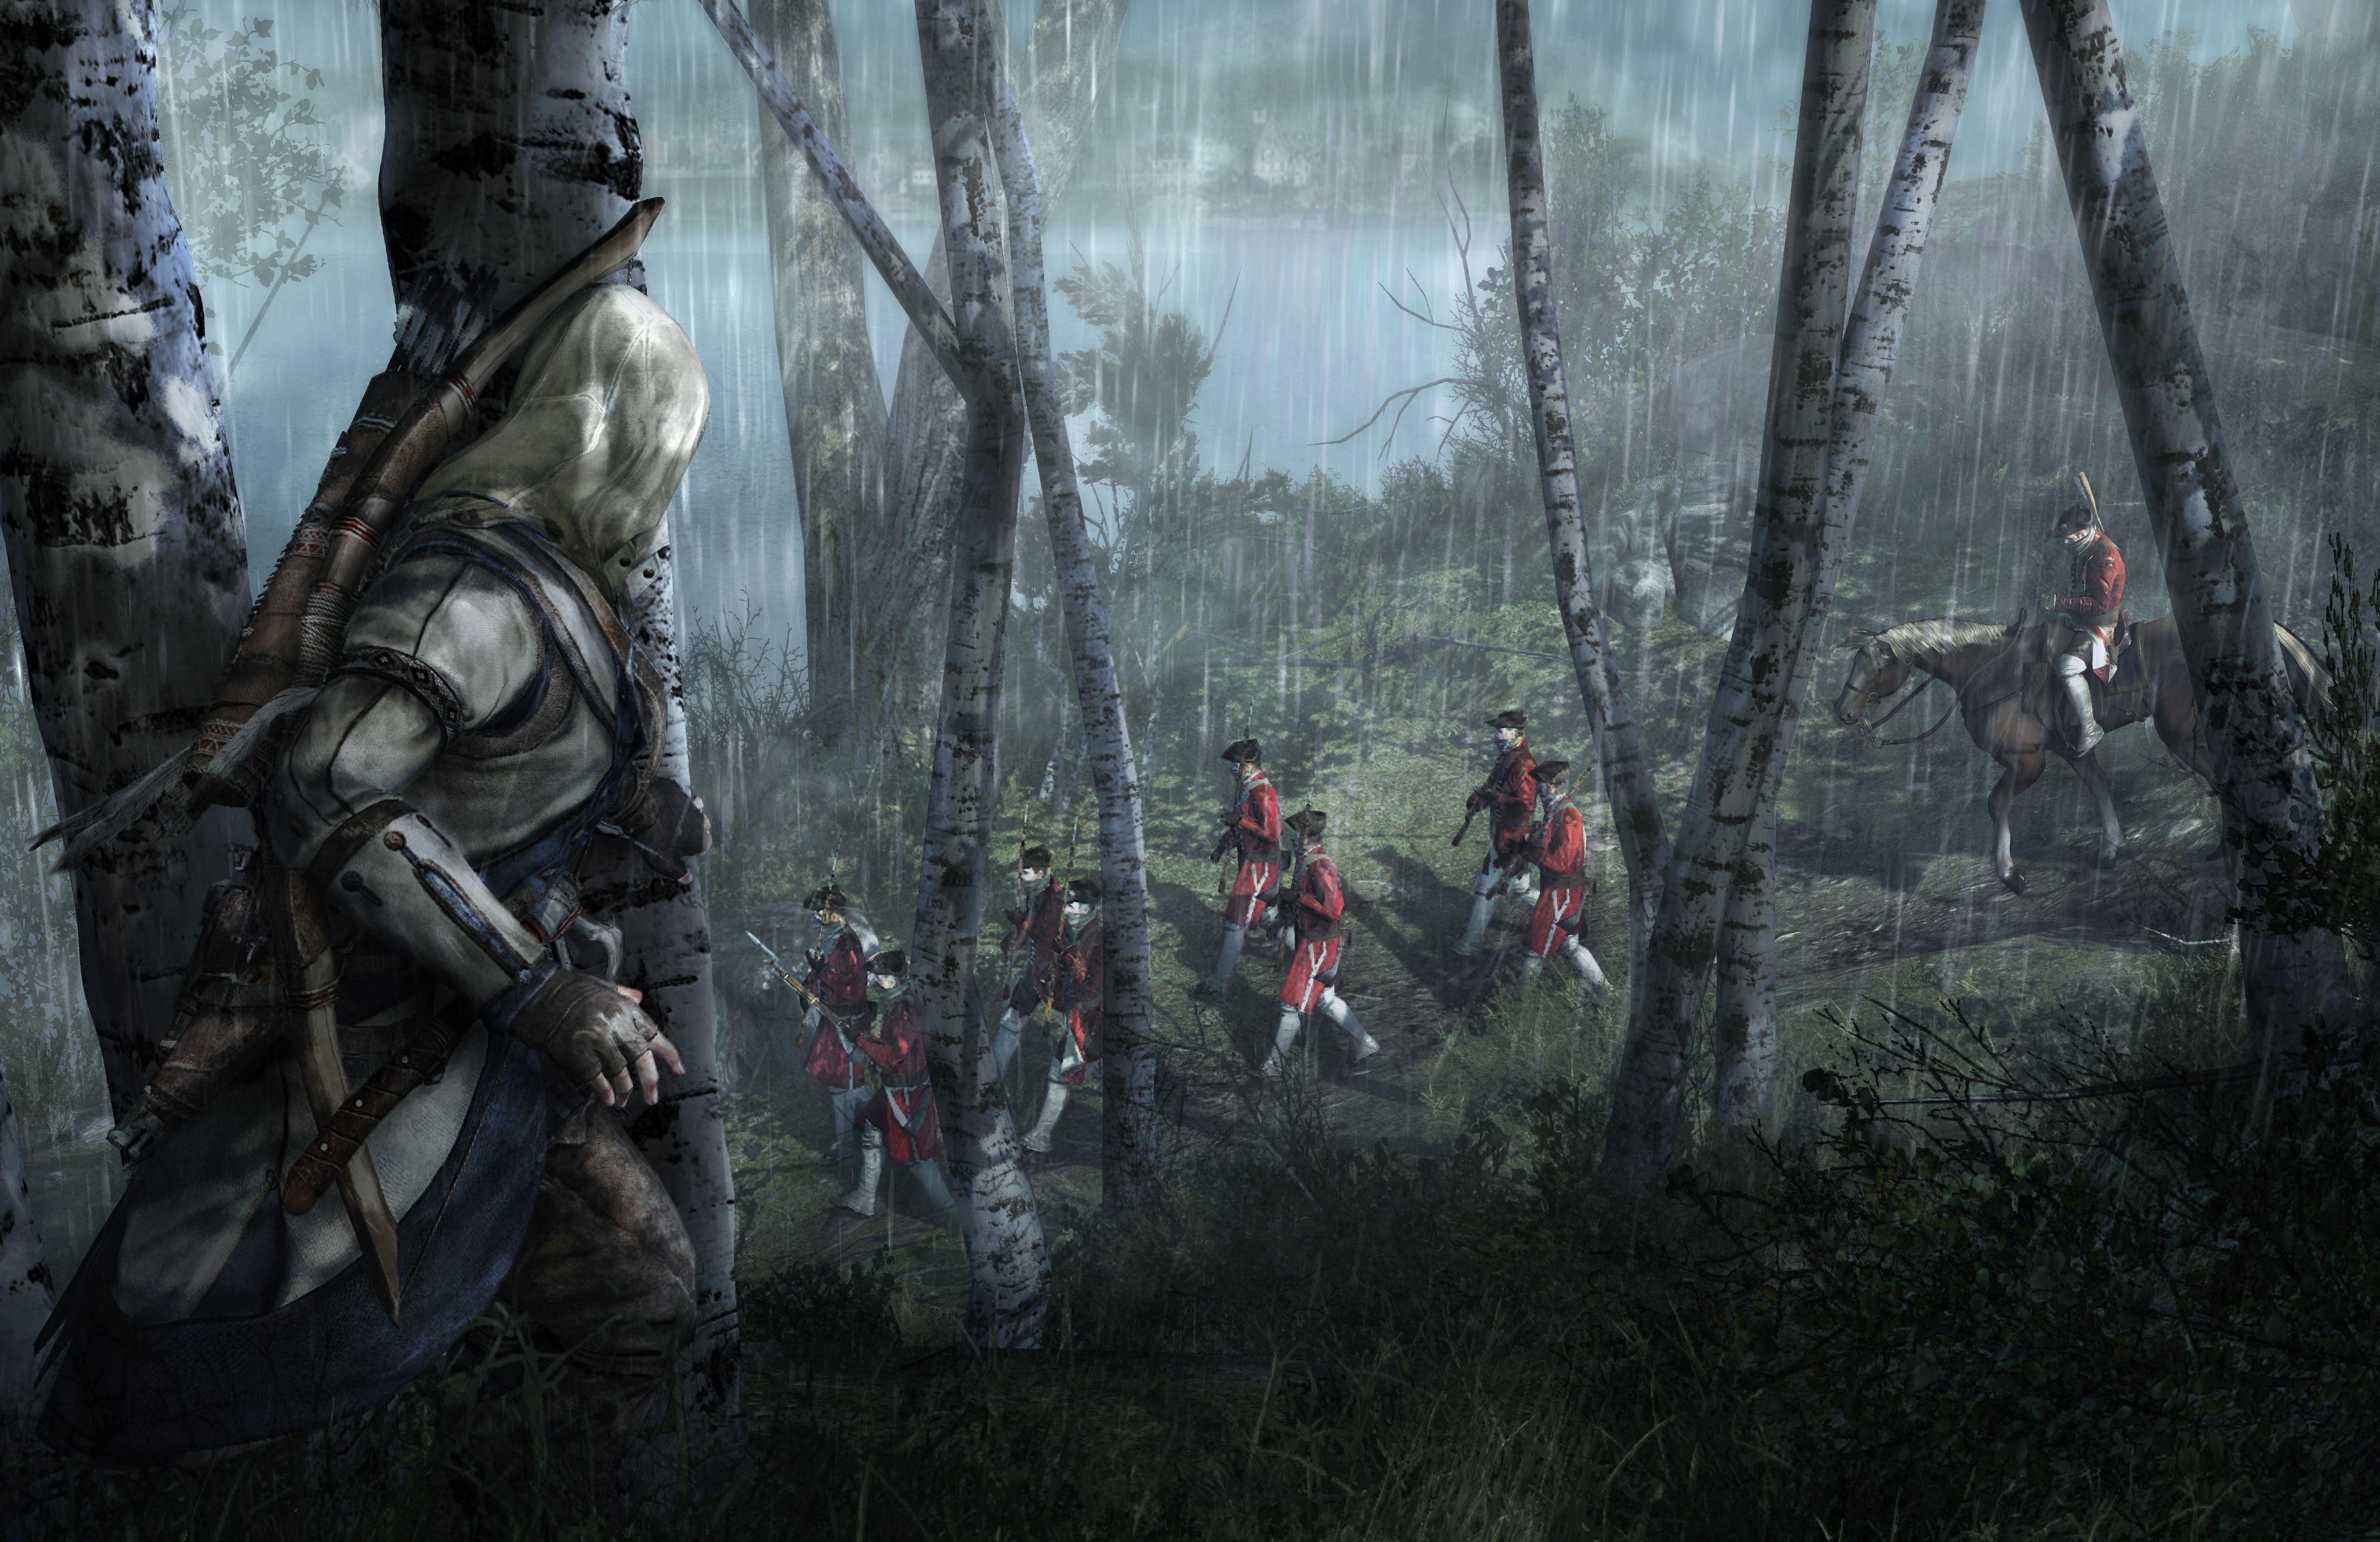 Assassin's Creed 3 – это новая игра французской компании Ubisoft про заговоры, конец света, древние цивилизации, орд ... - Изображение 3